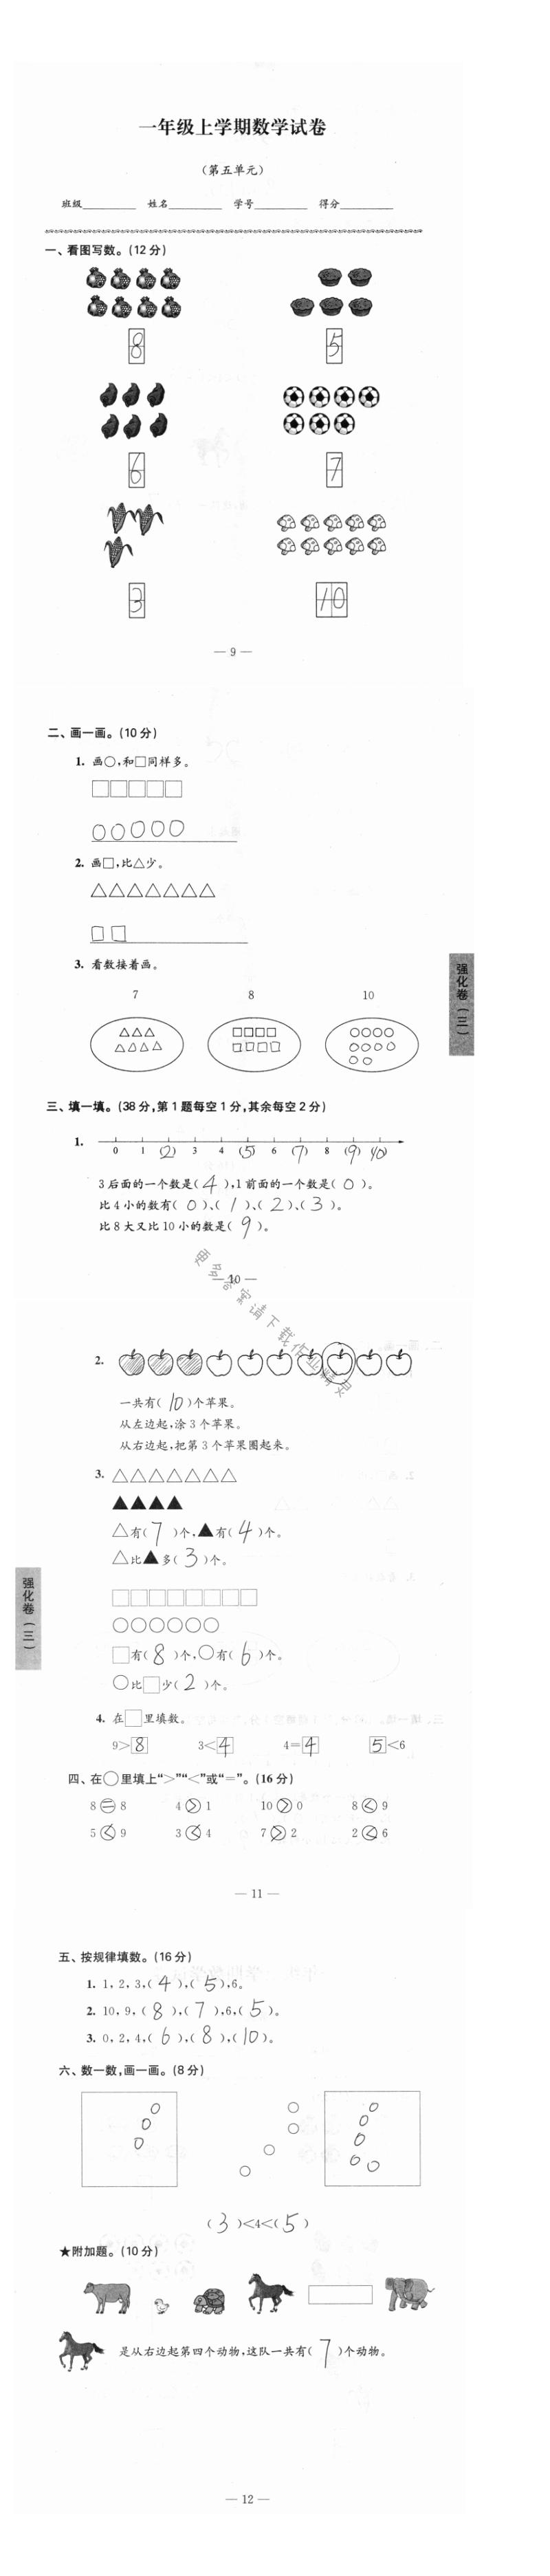 强化卷(三) - 第五单元    强化卷(三)